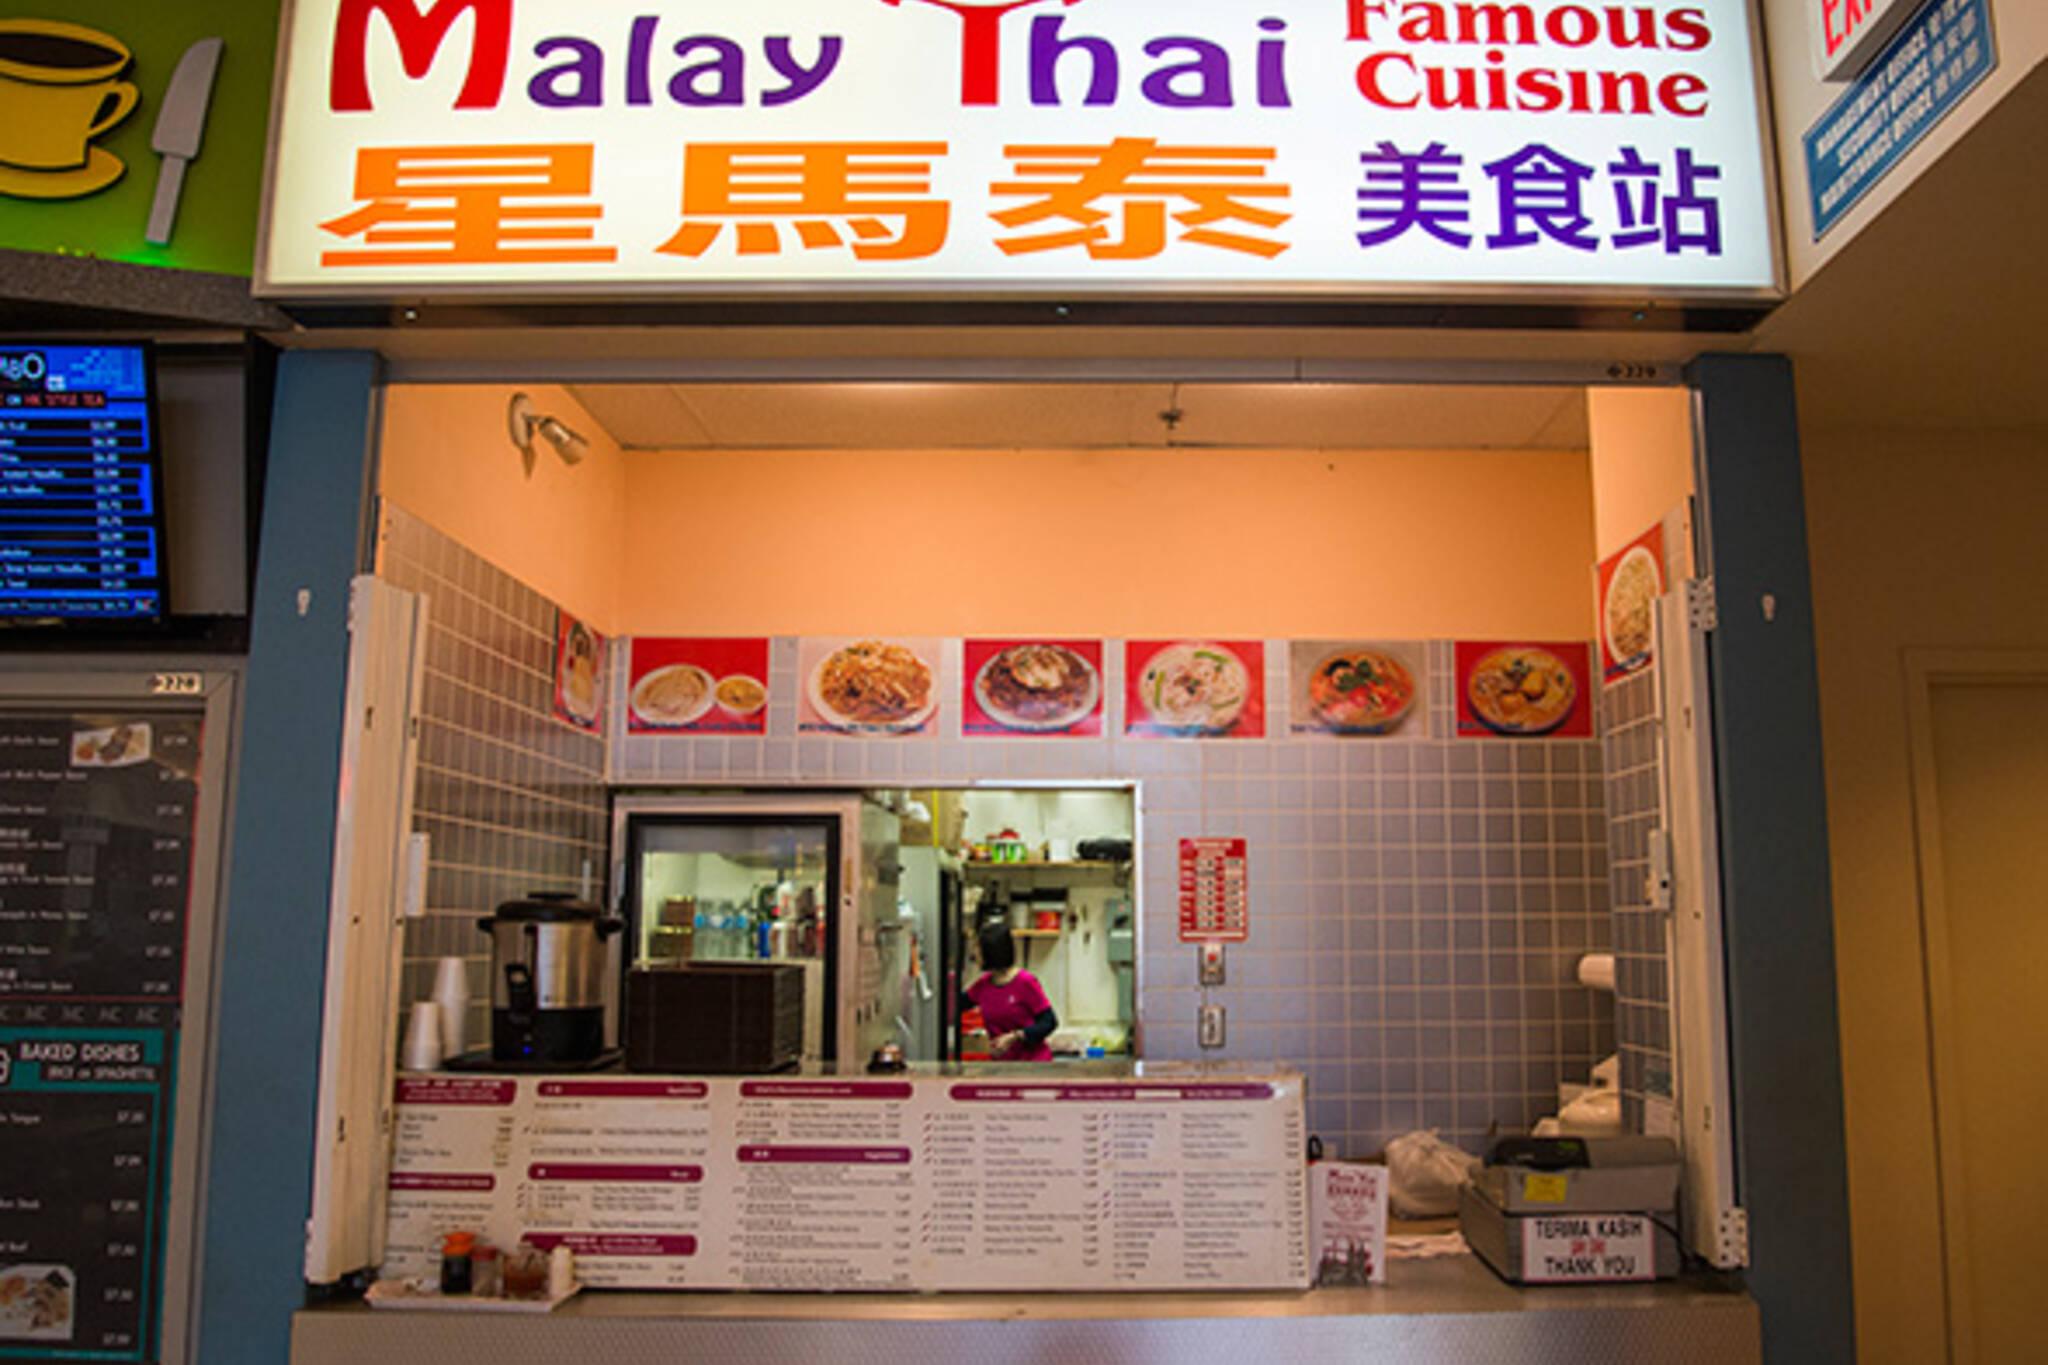 Malay Thai Famous Cuisine